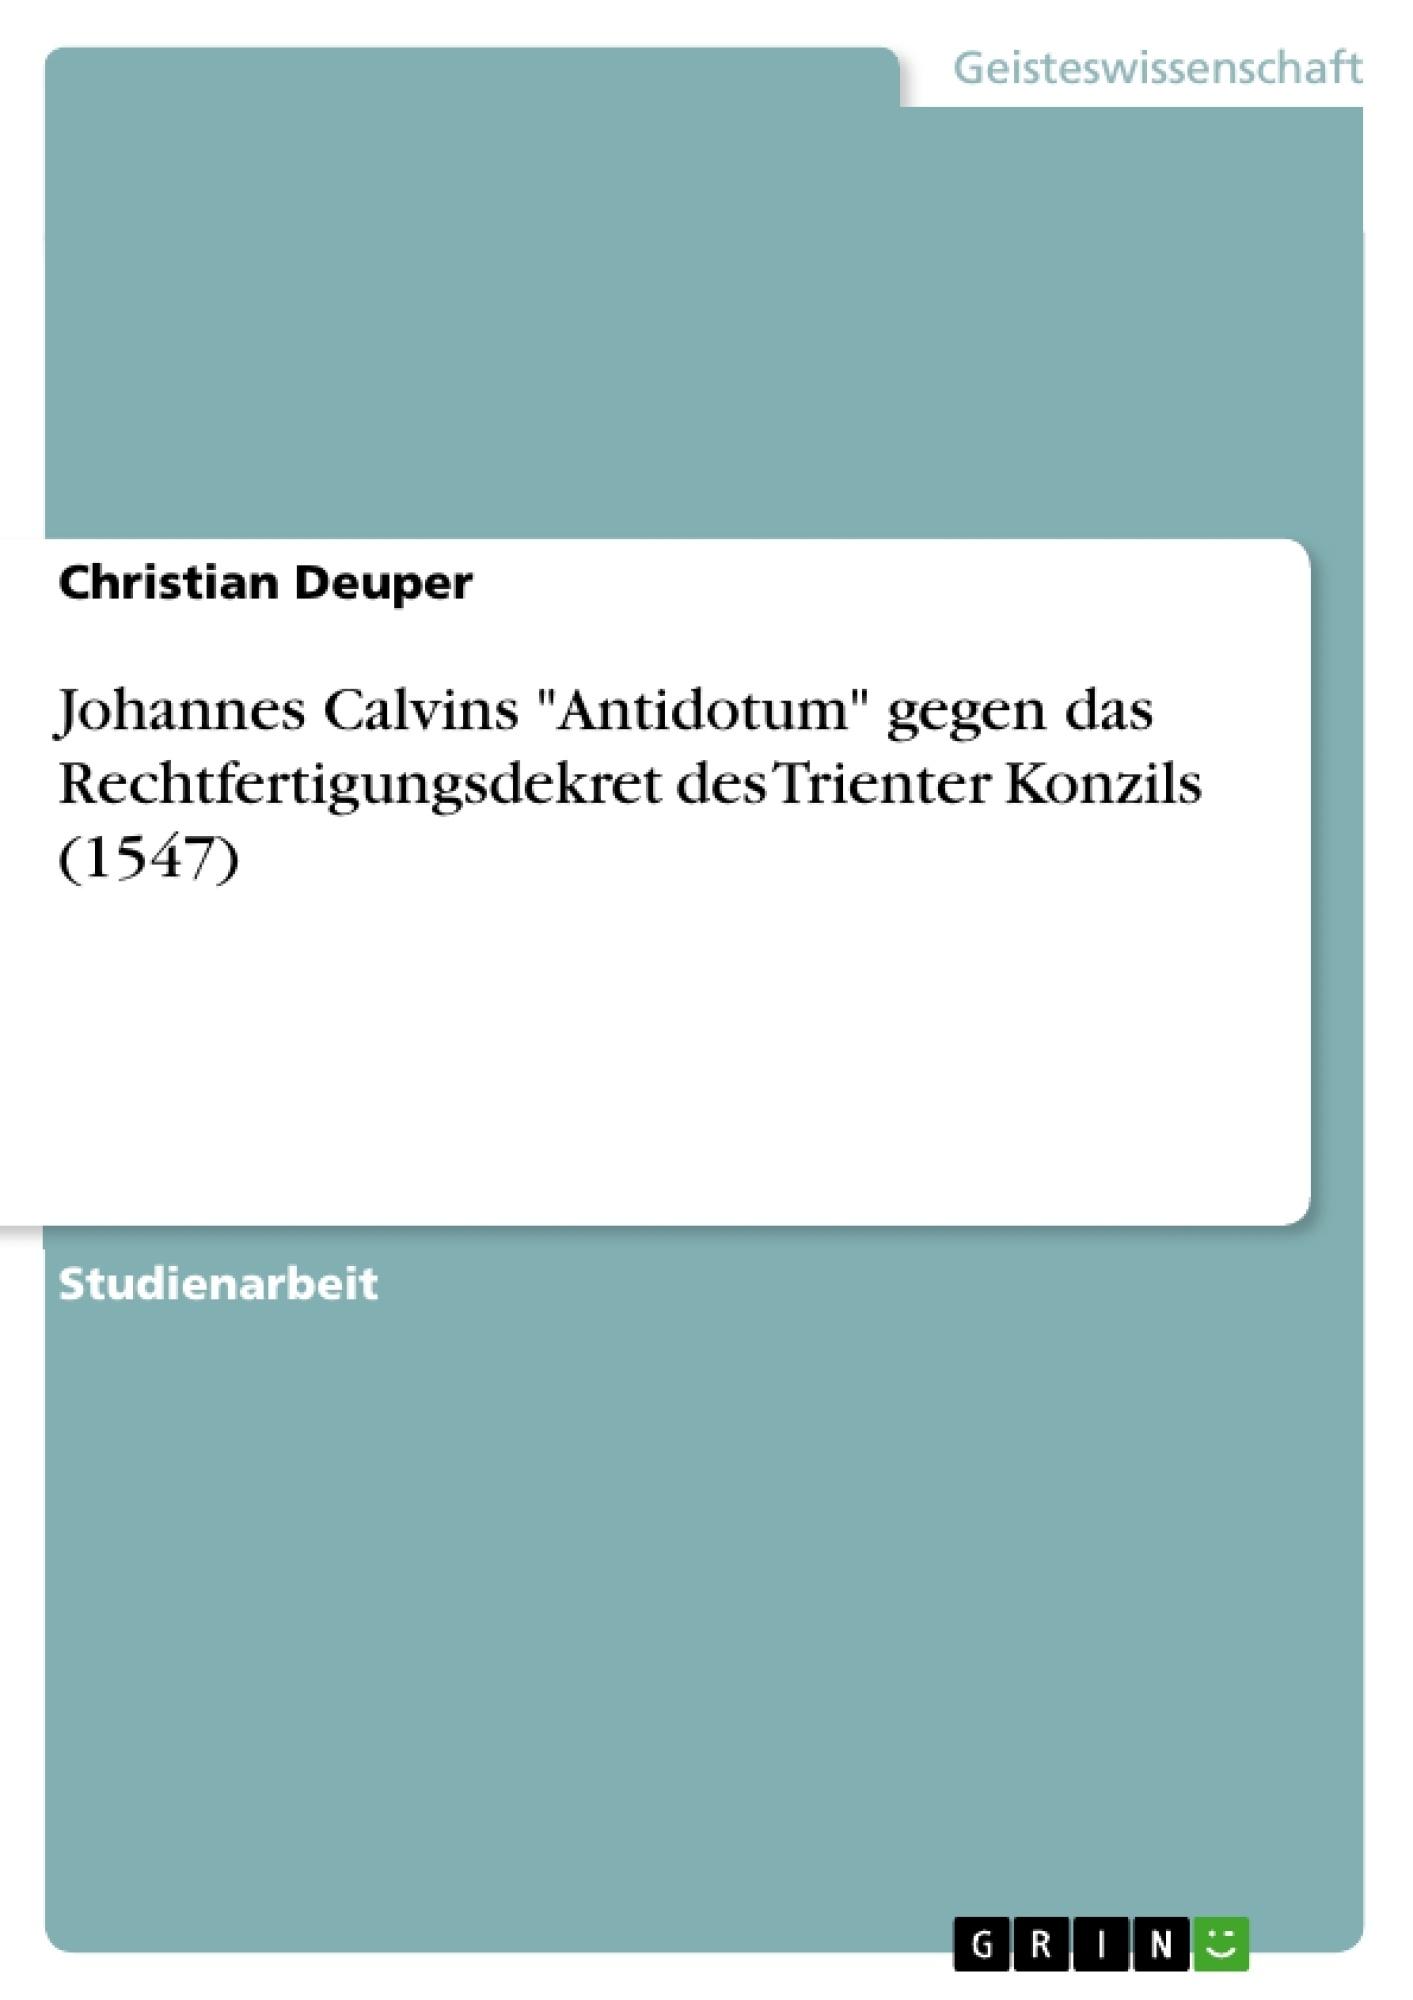 """Titel: Johannes Calvins """"Antidotum"""" gegen das Rechtfertigungsdekret des Trienter Konzils (1547)"""